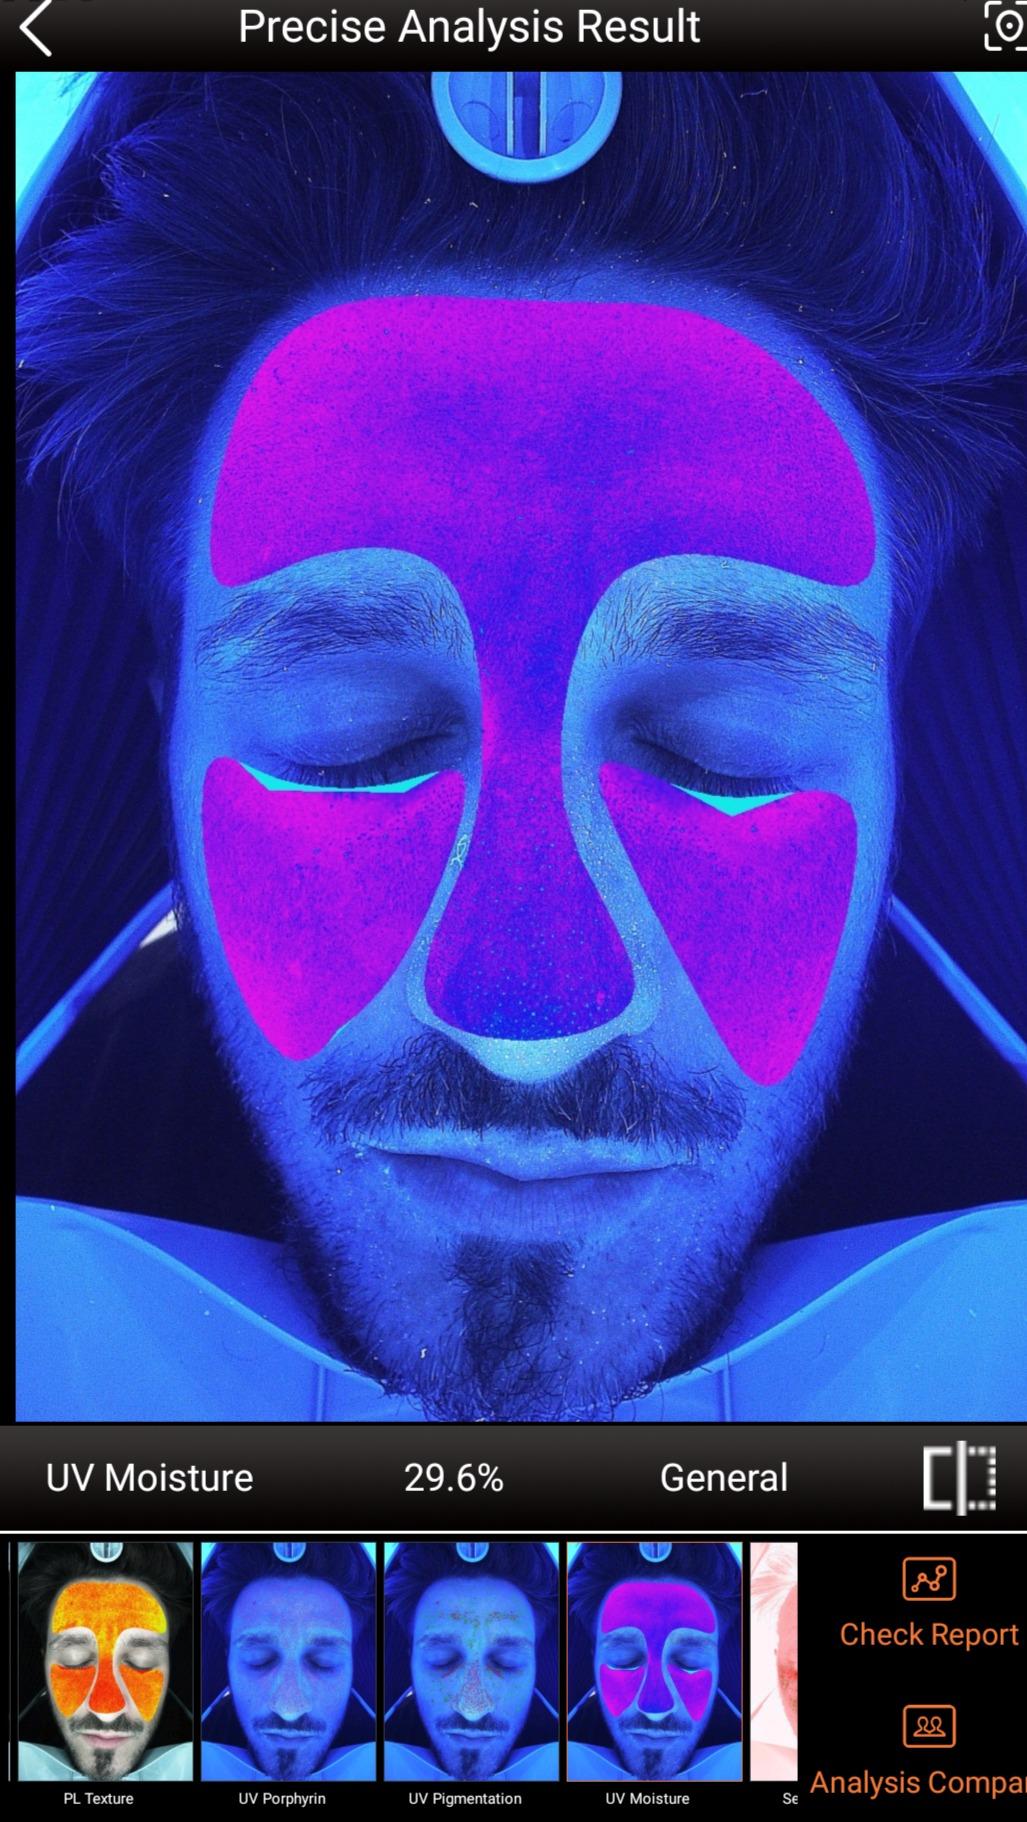 UV Pigmentation